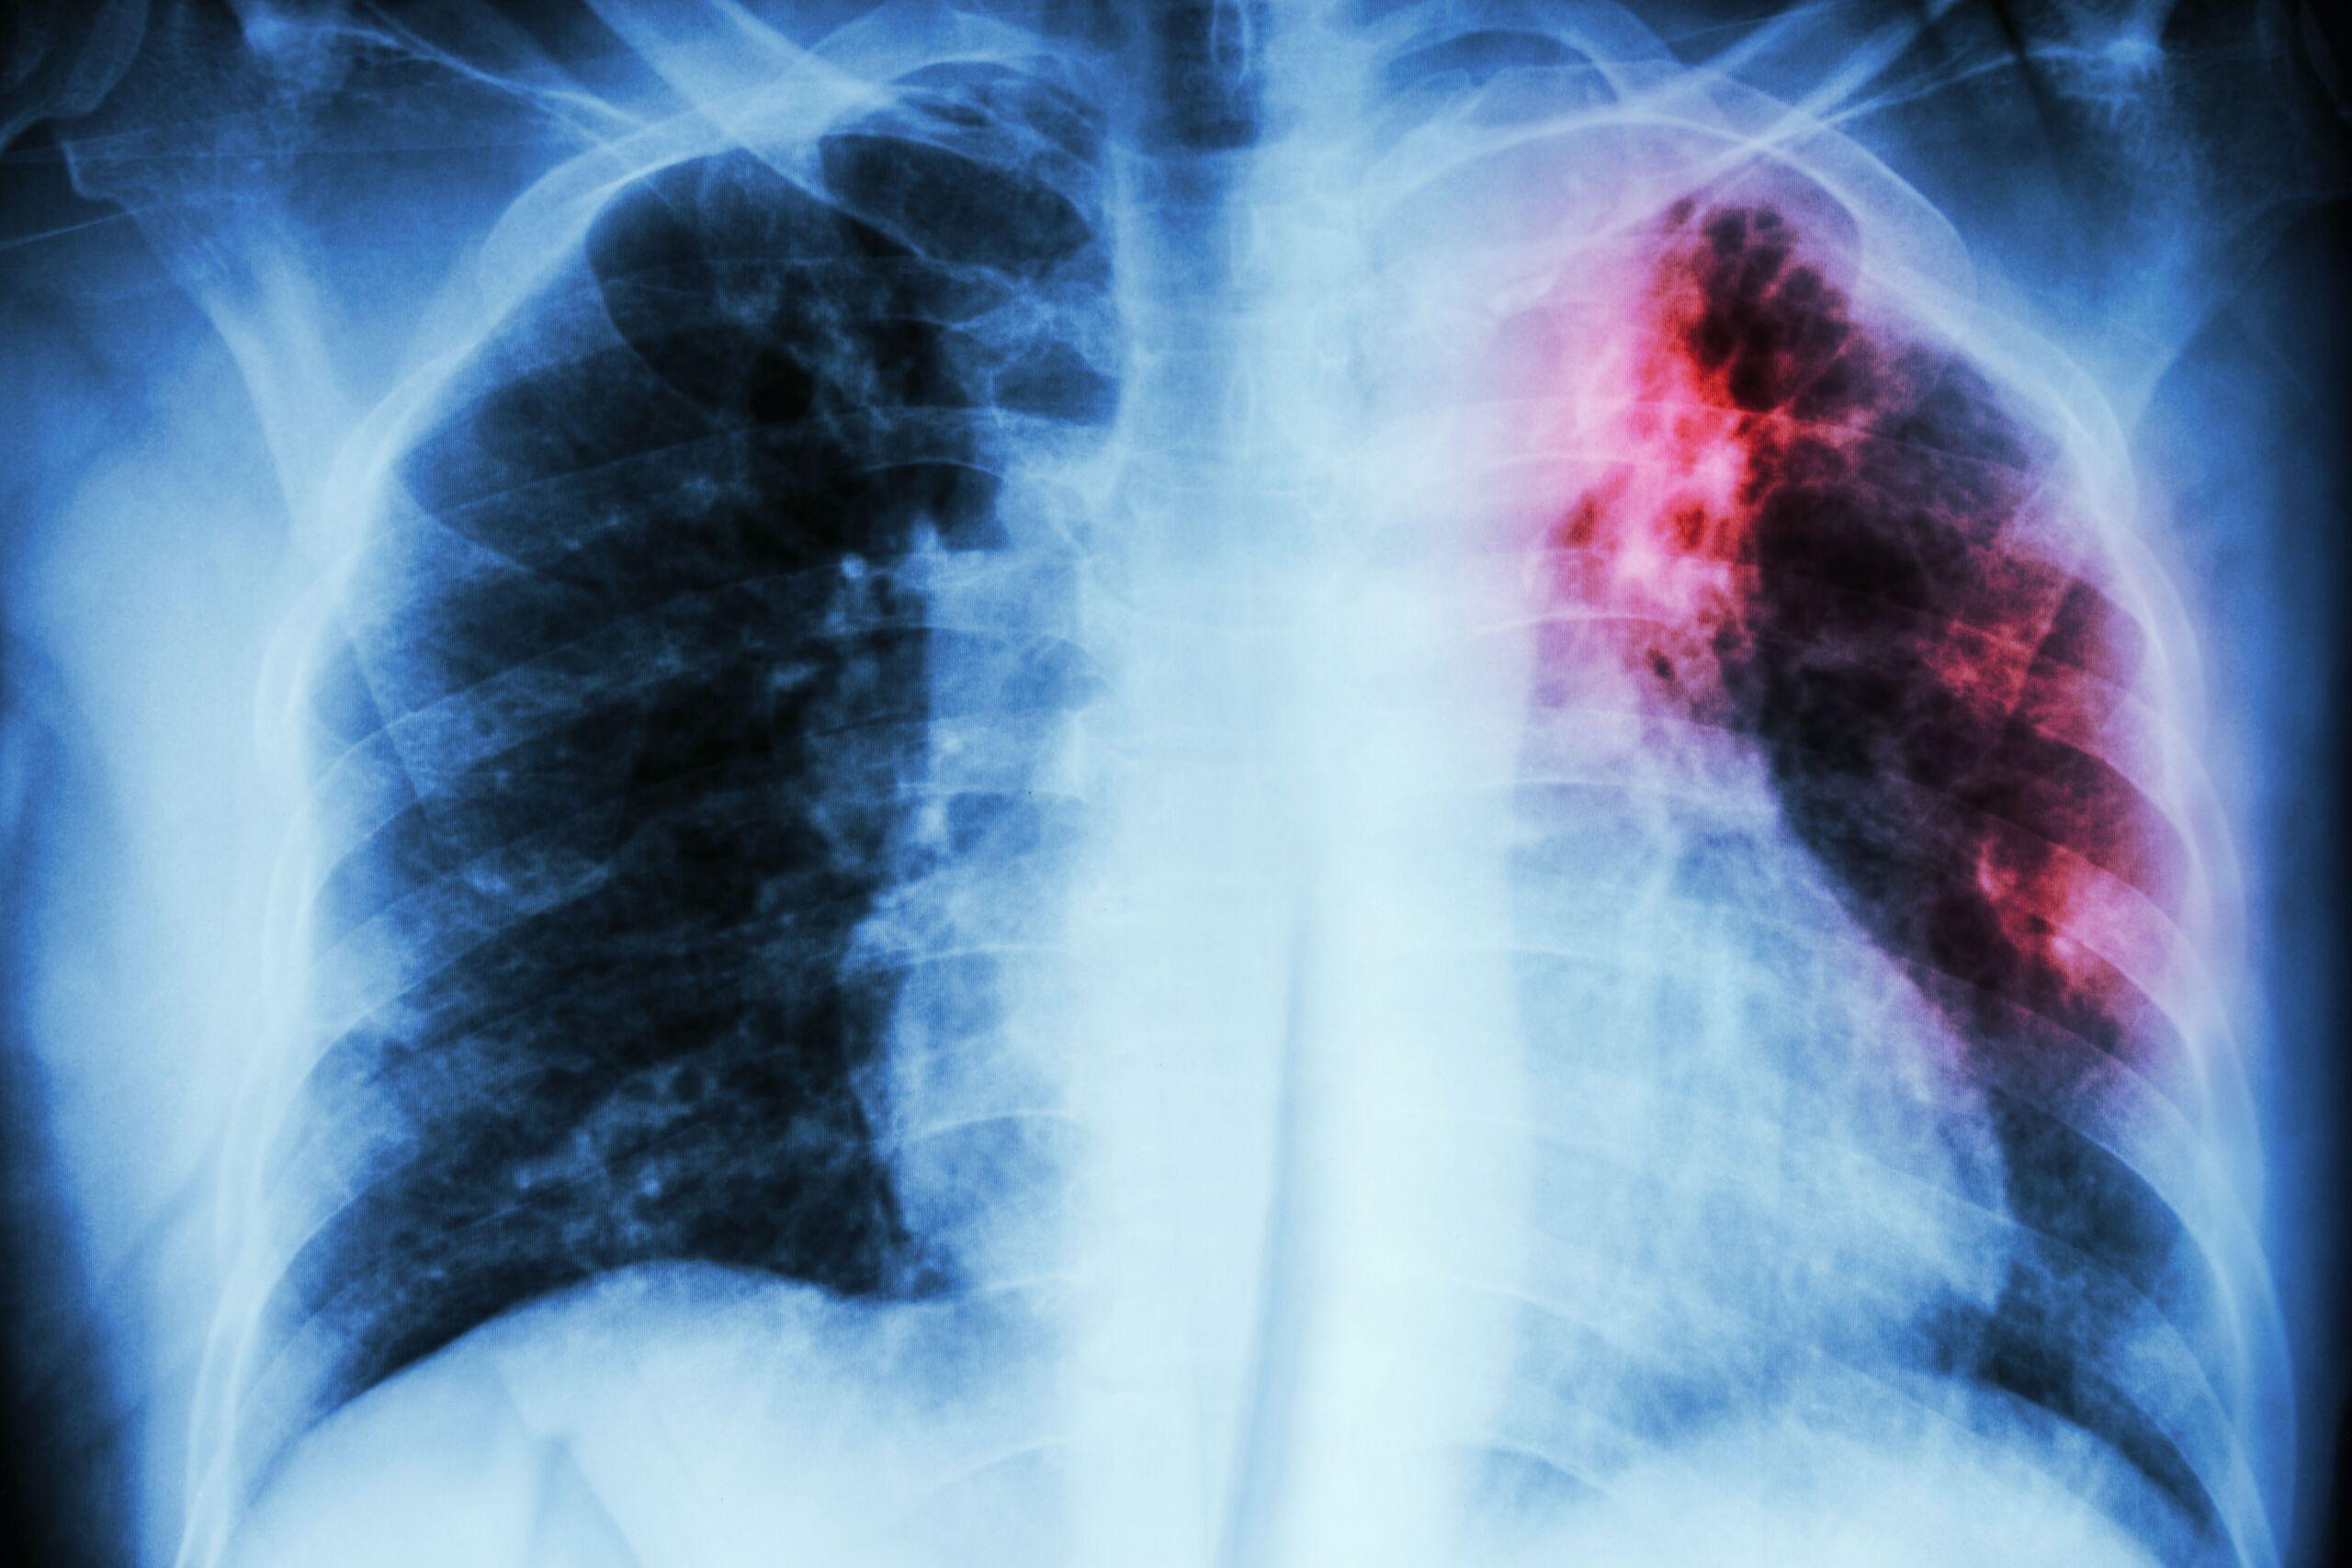 Röntgenbild einer Lungentuberkulose